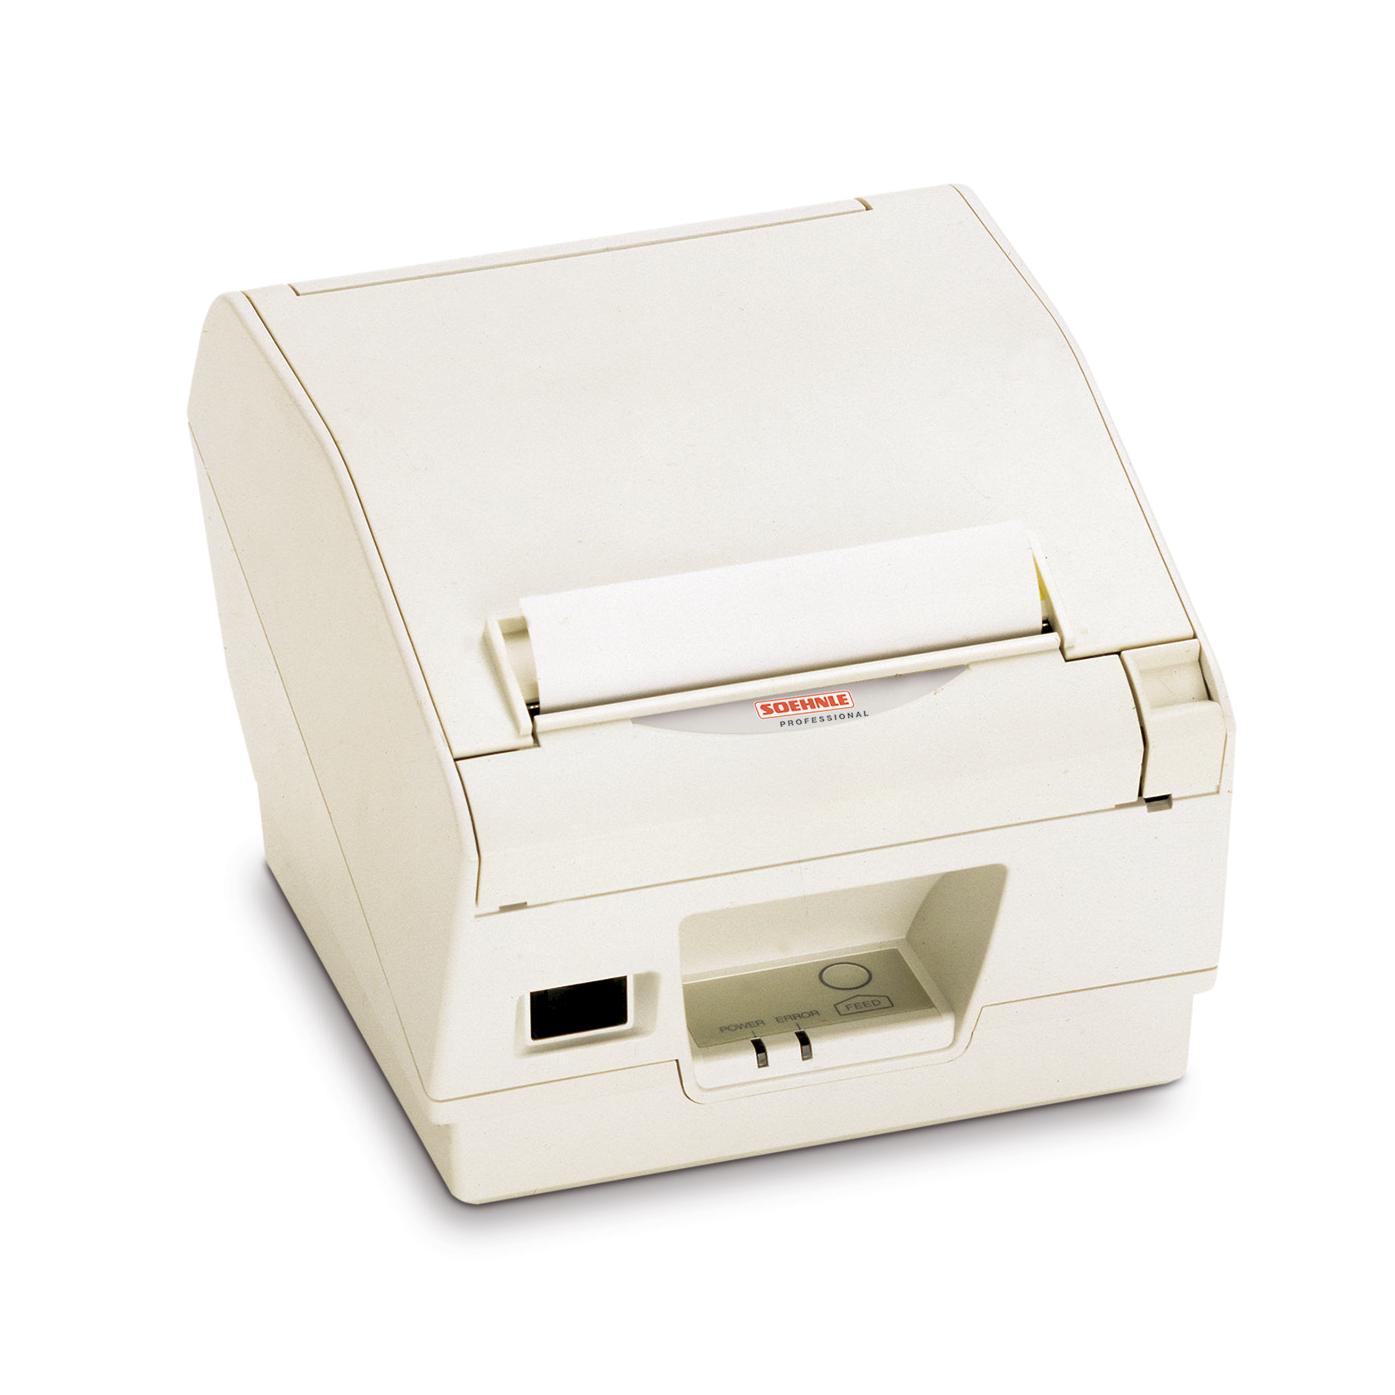 Soehnle-etikettenprinter-2795.12